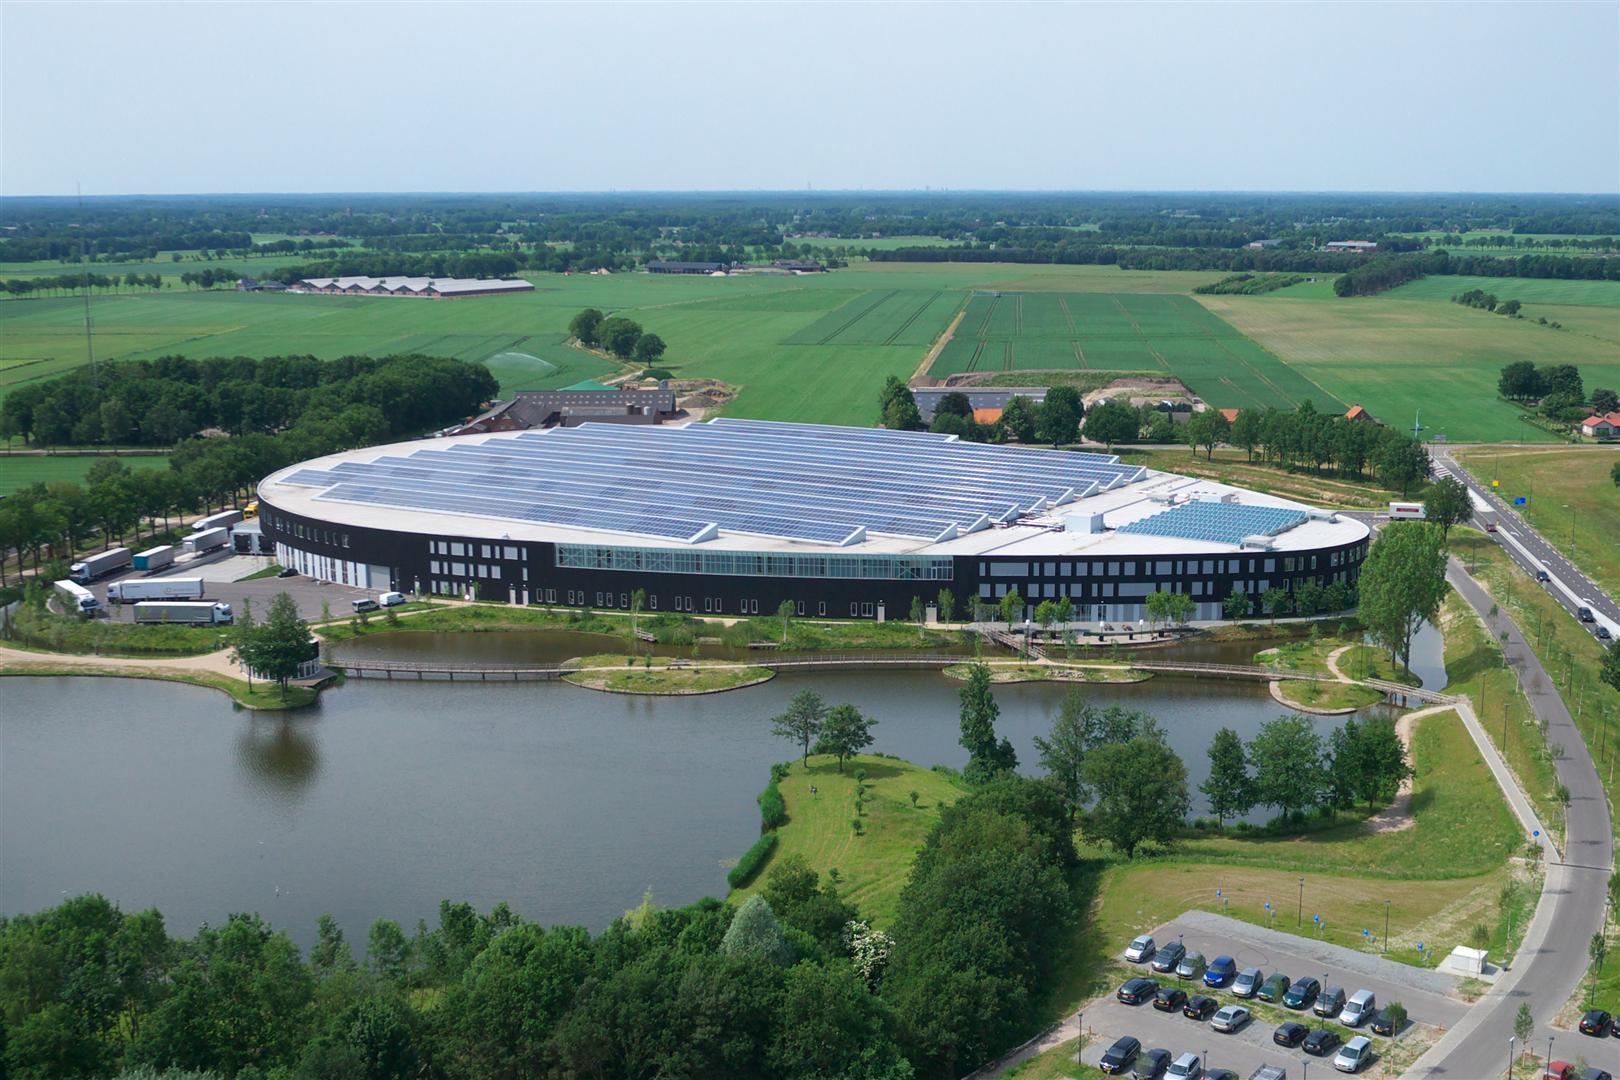 El Venco Campus recibe su certificación de edificio sostenible - Avicultura